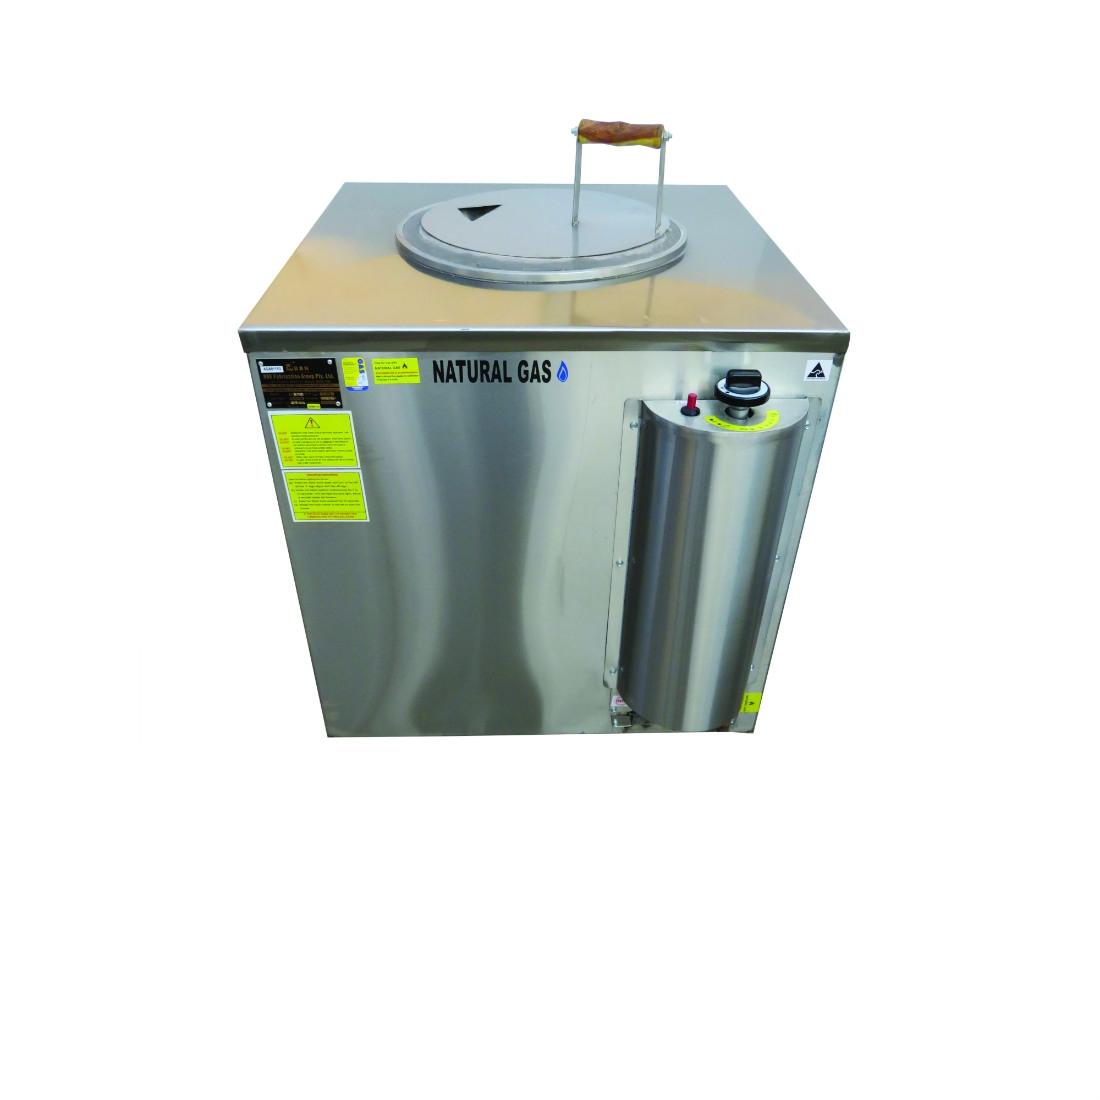 Commercial Tandoori Oven - BSB780